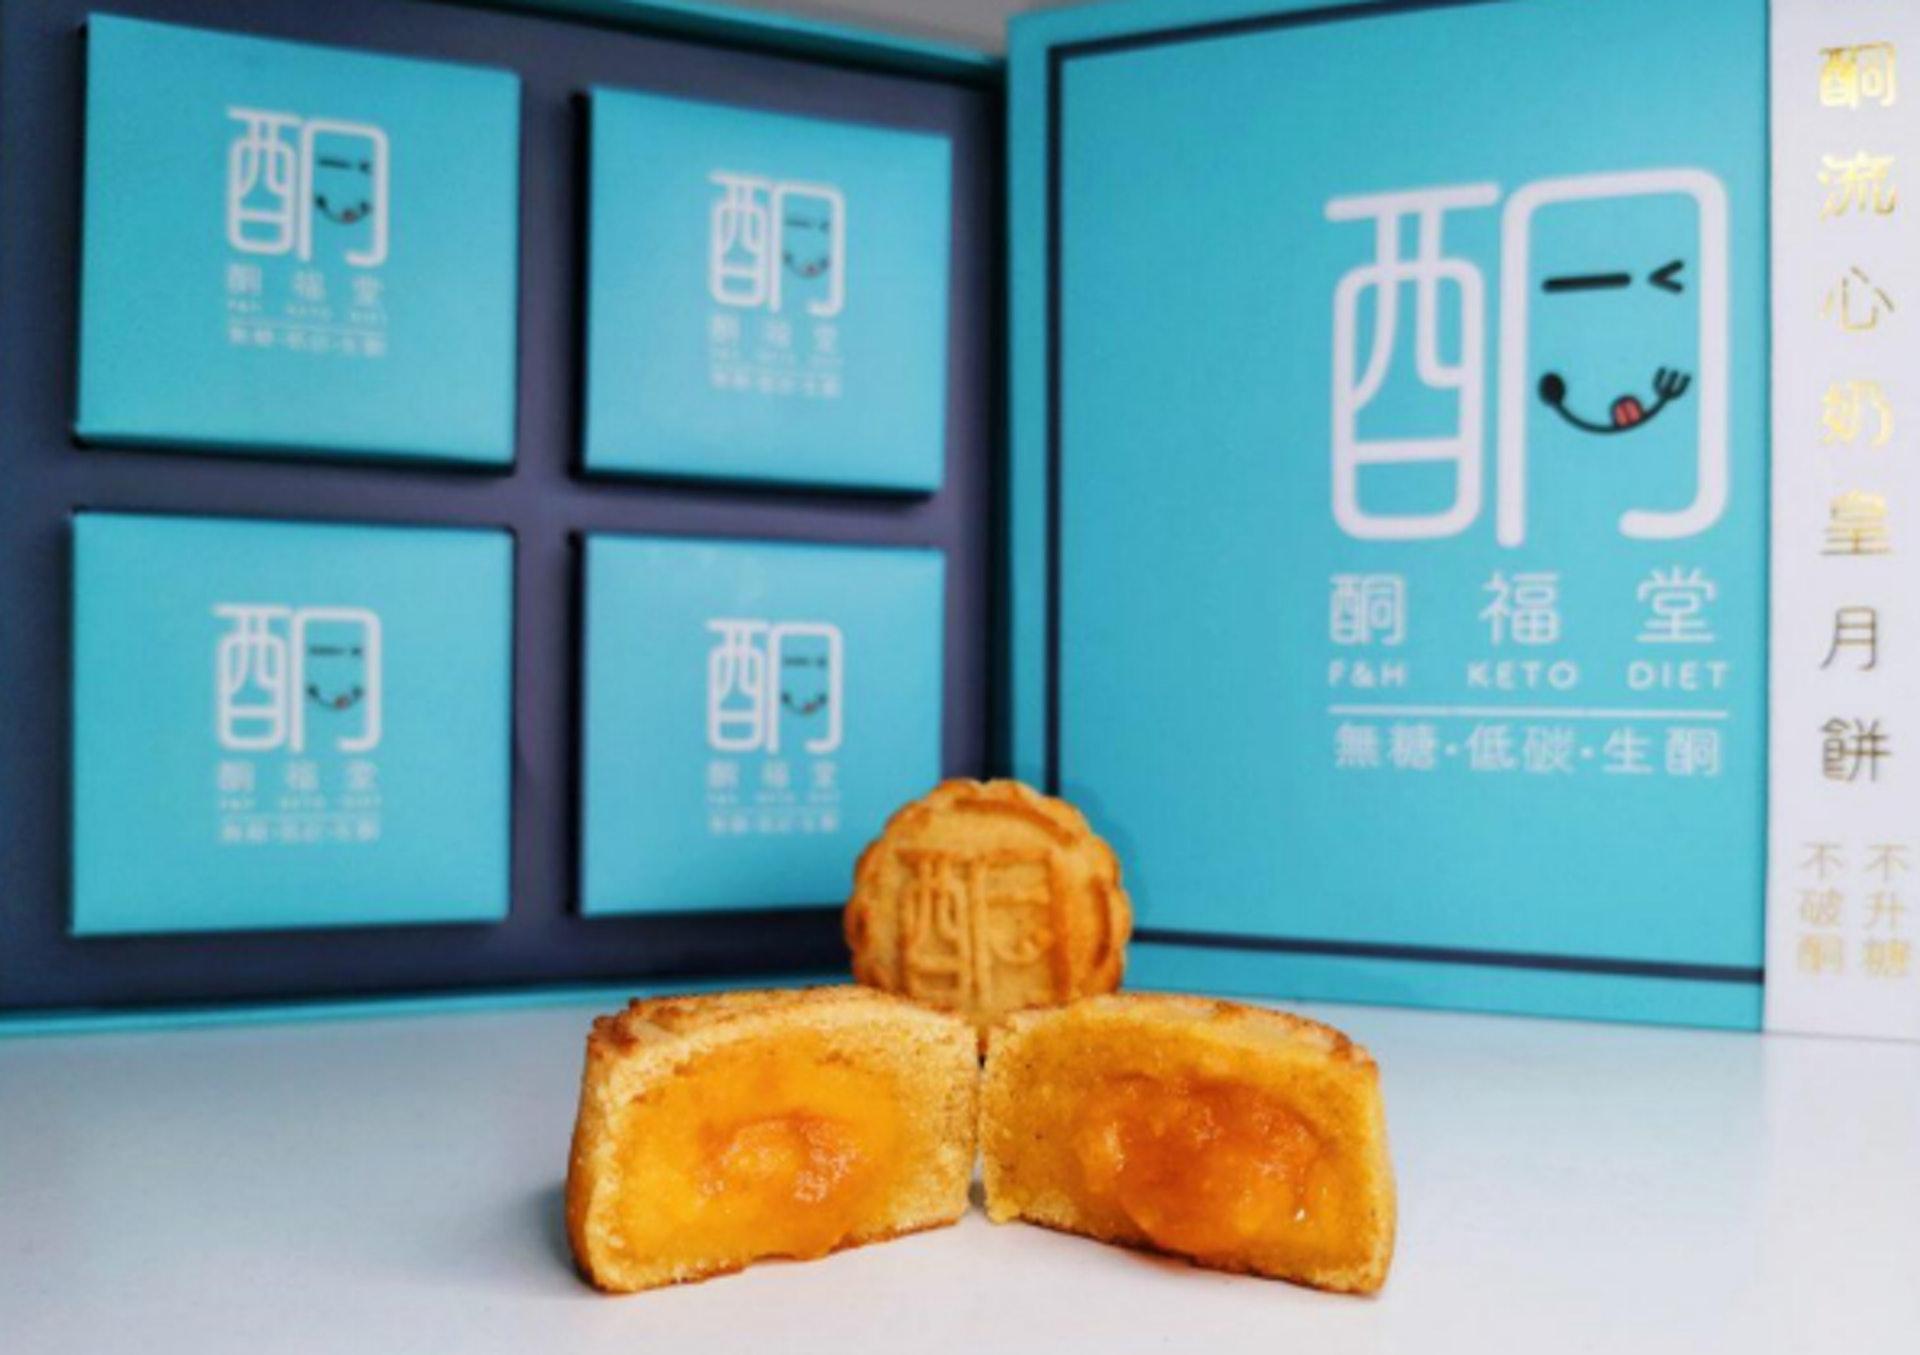 酮福堂 - 生酮流心奶皇月餅禮盒裝